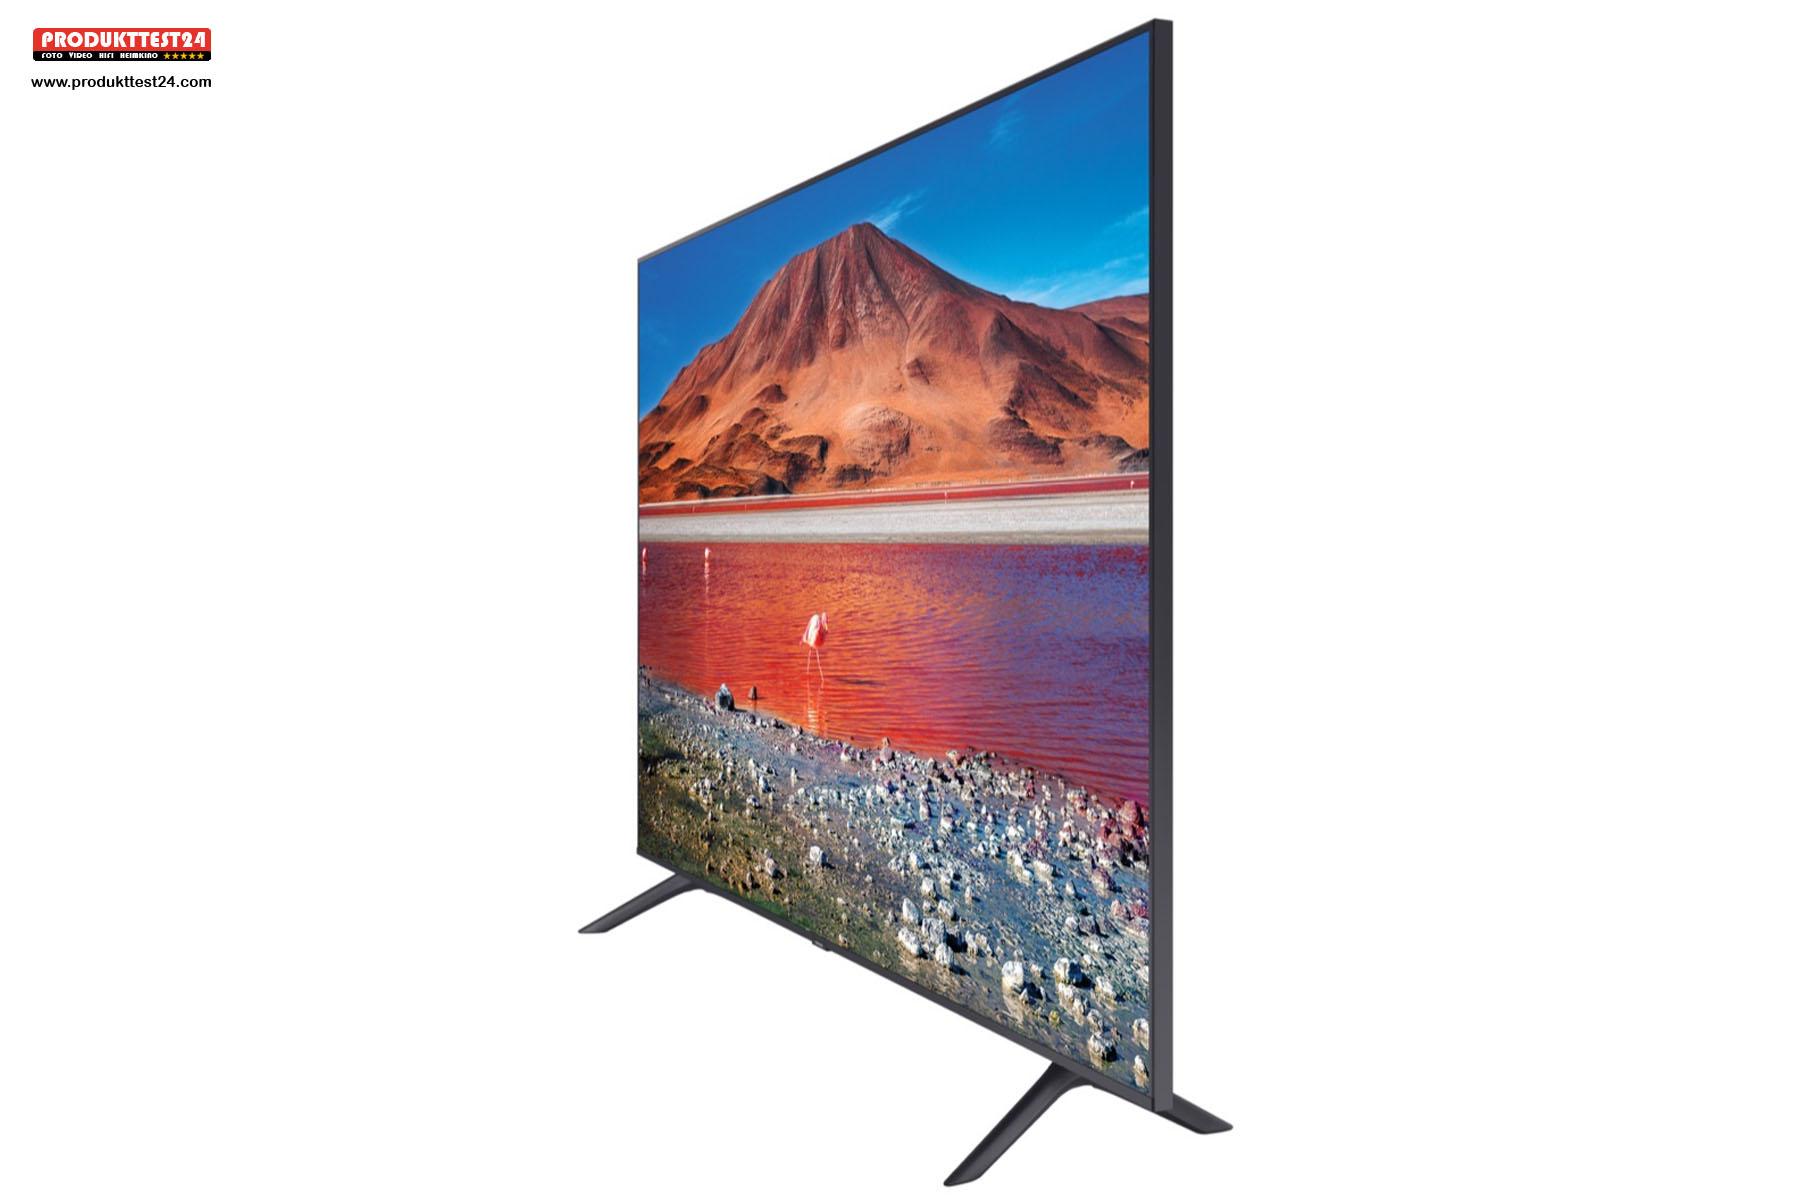 Samsung GU58TU7199 mit einem 58 Zoll großen Display